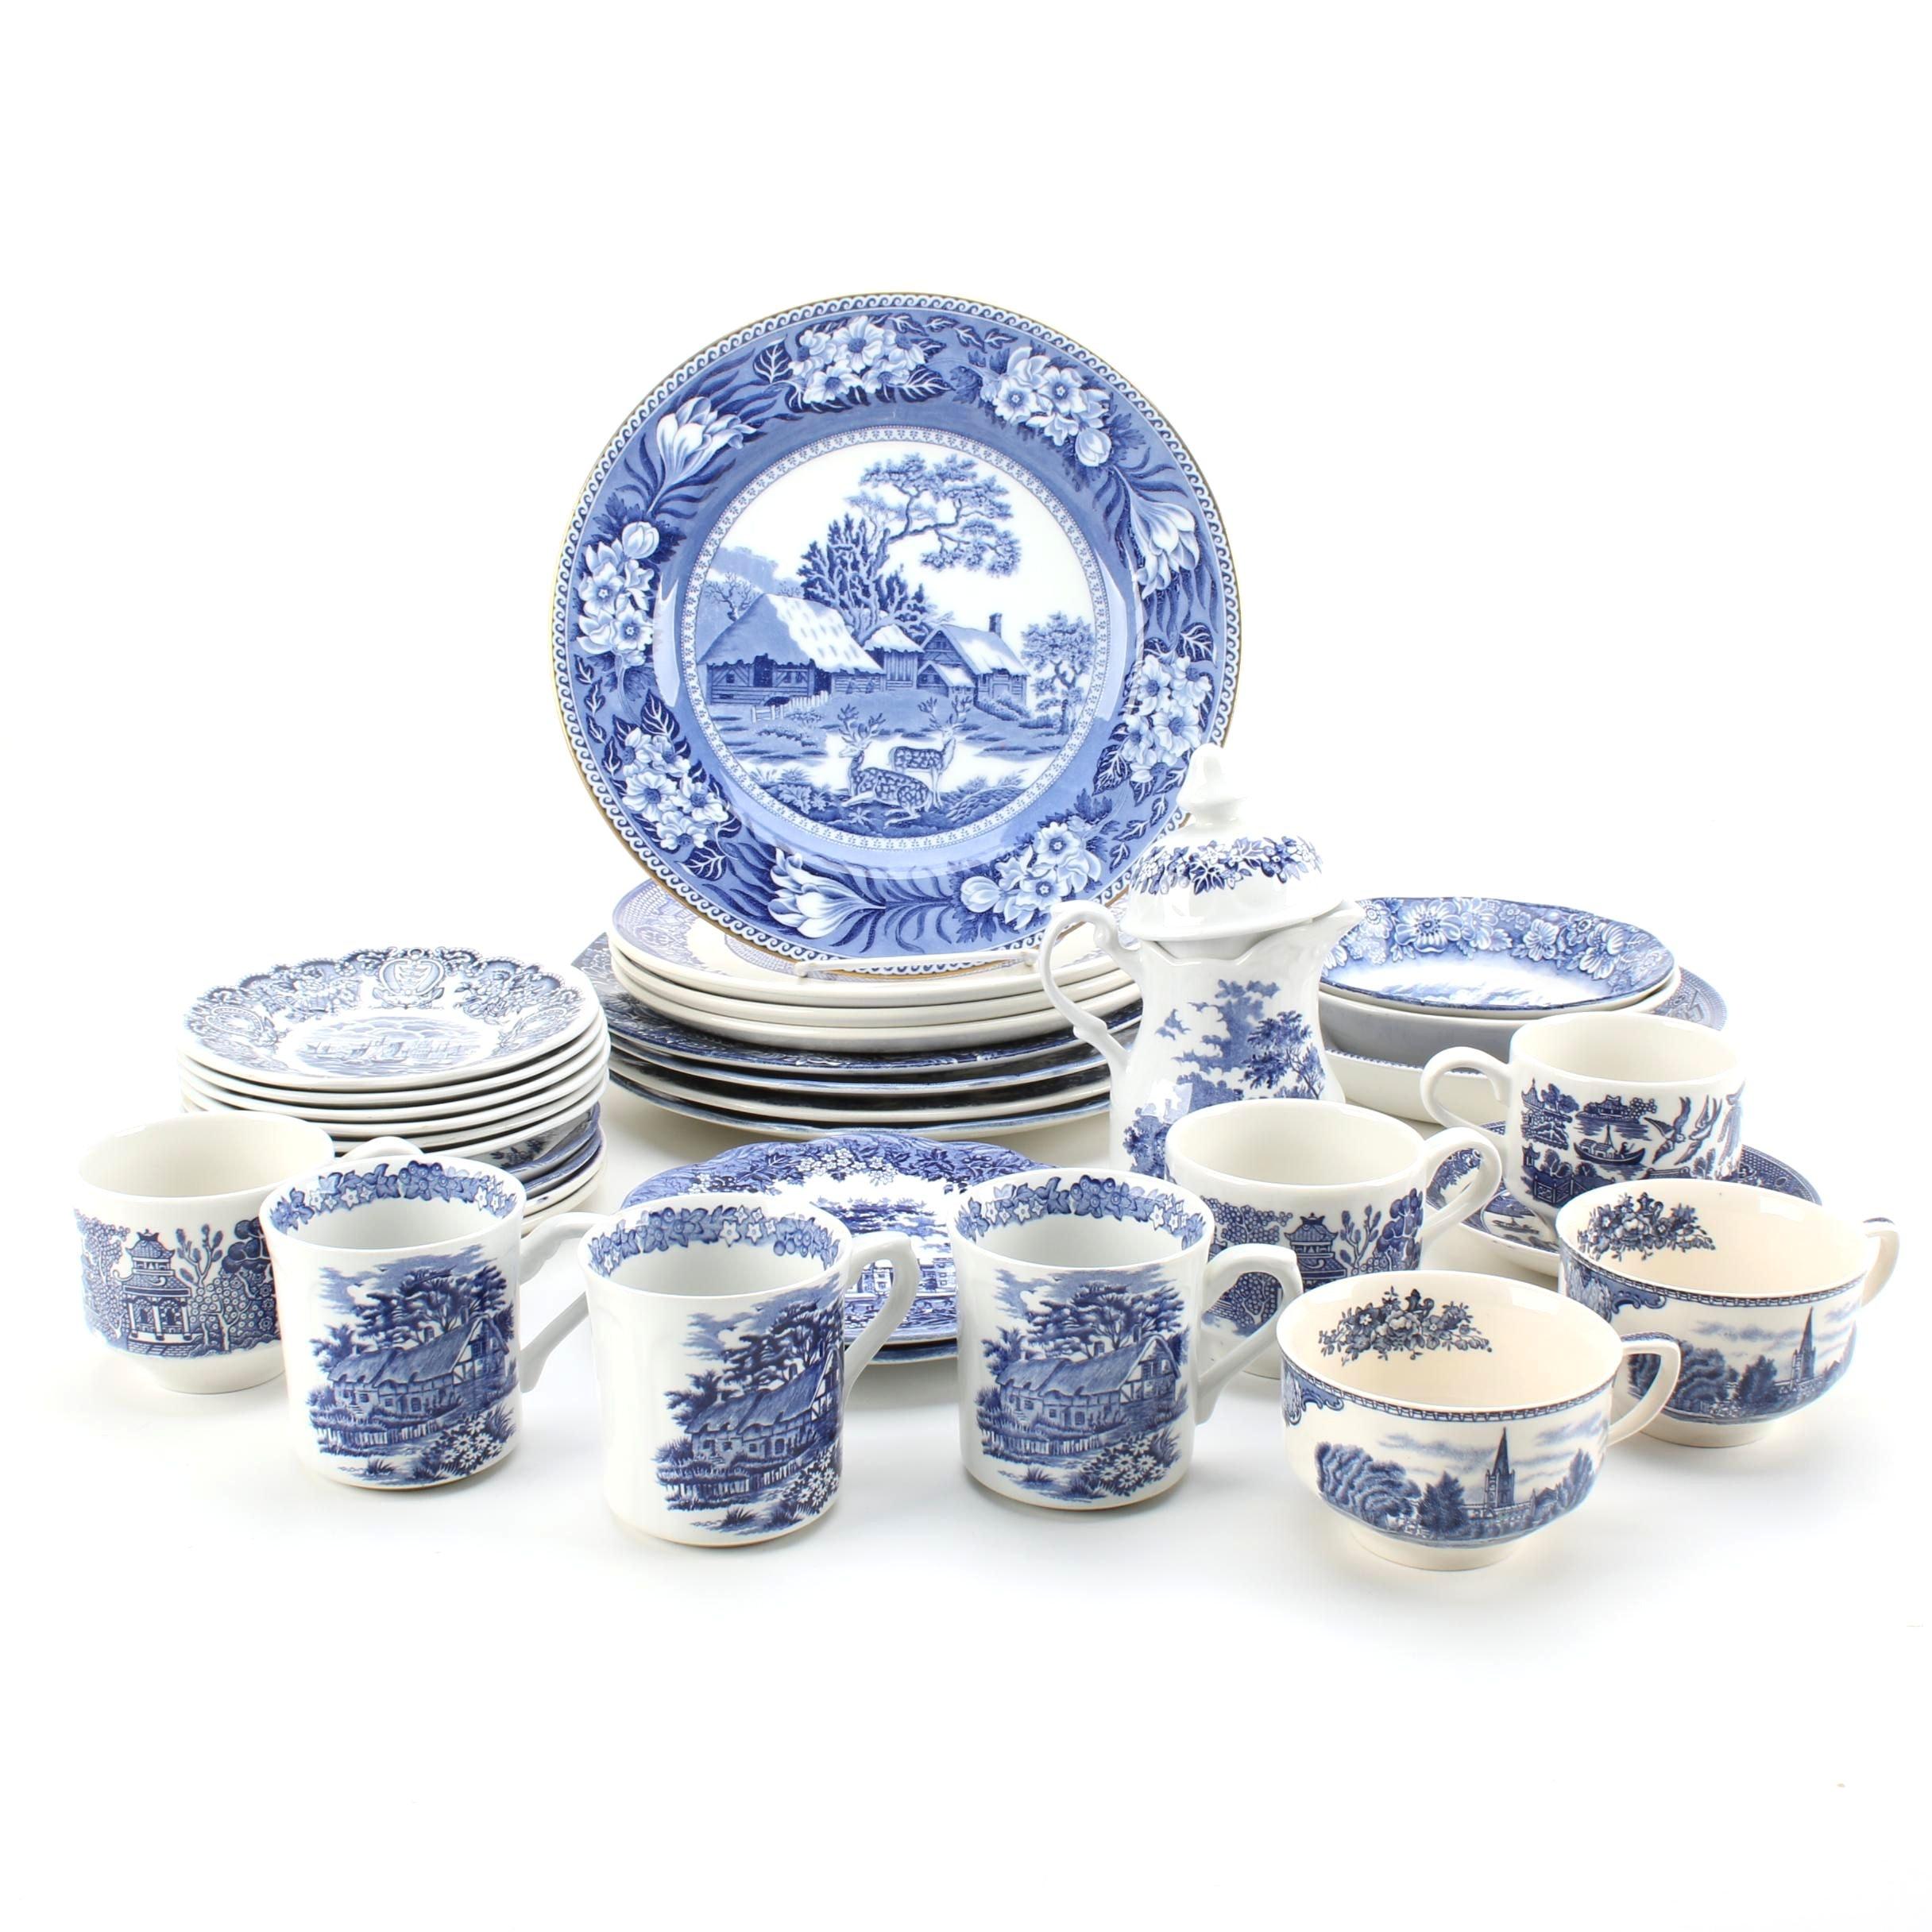 Blue Transfer Printed Dinnerware Including  Historical Ports of England  ...  sc 1 st  EBTH.com & Blue Transfer Printed Dinnerware Including